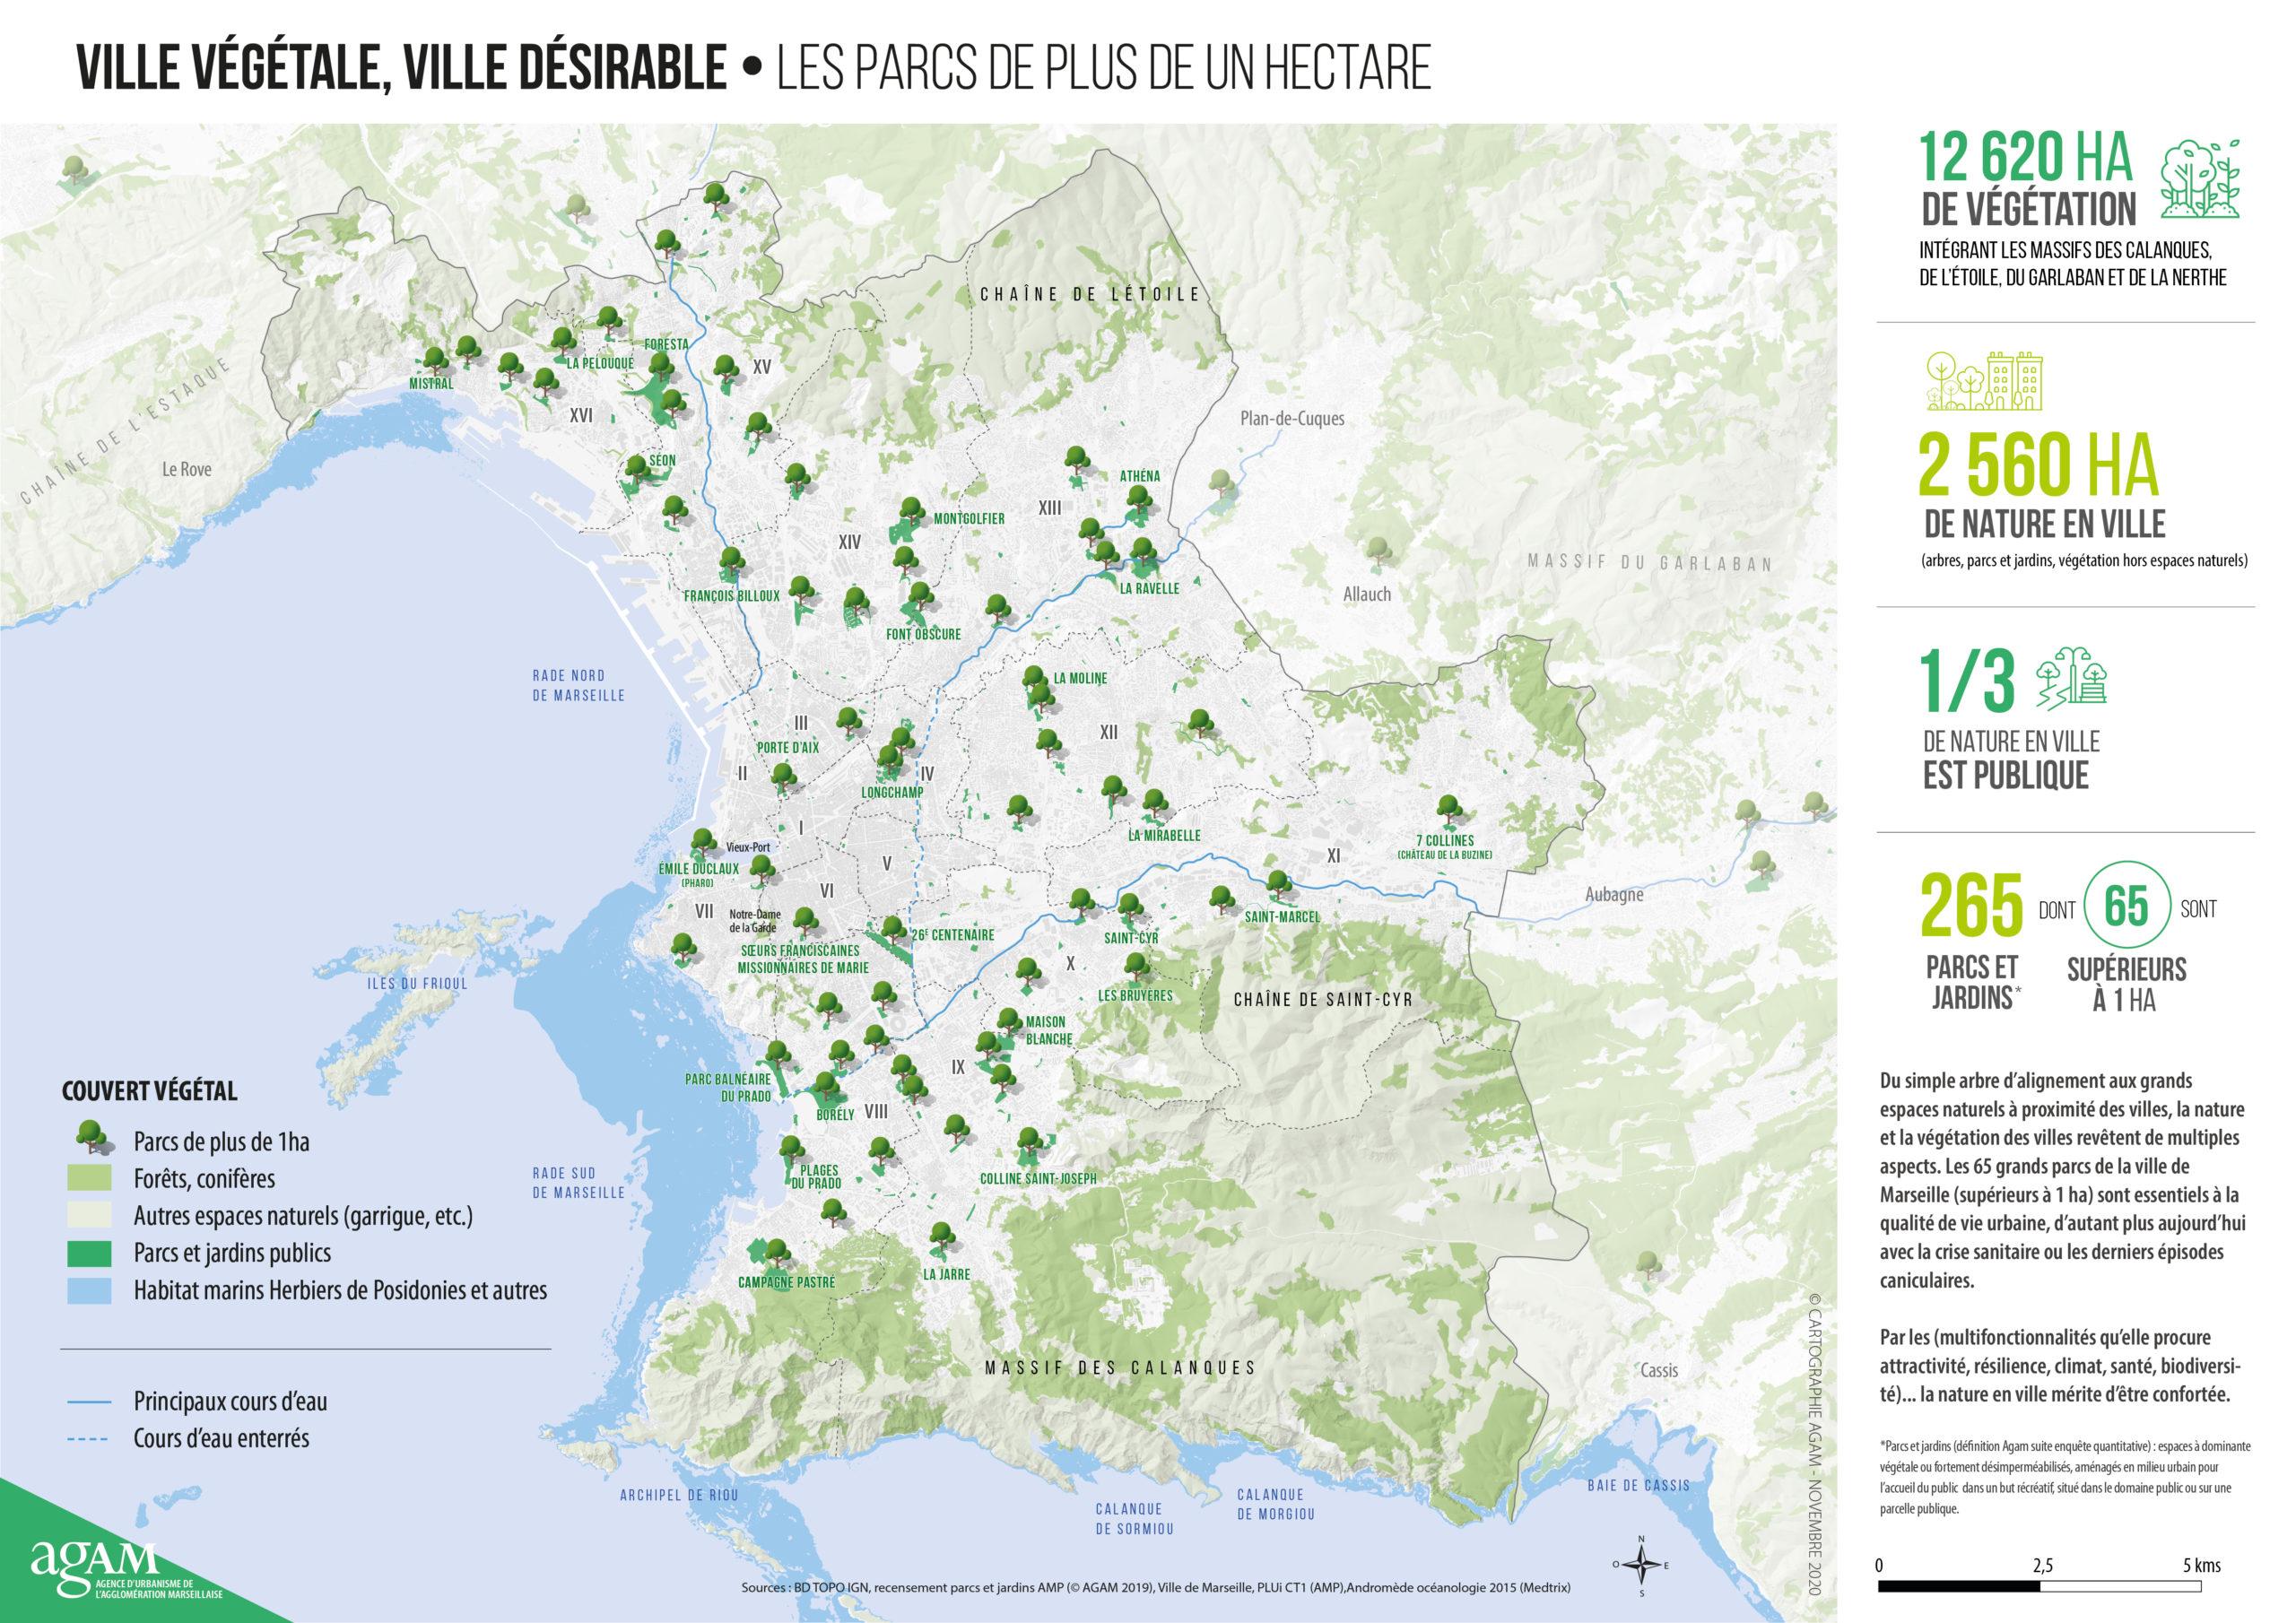 Carte des parcs de plus de un hectare à Marseille